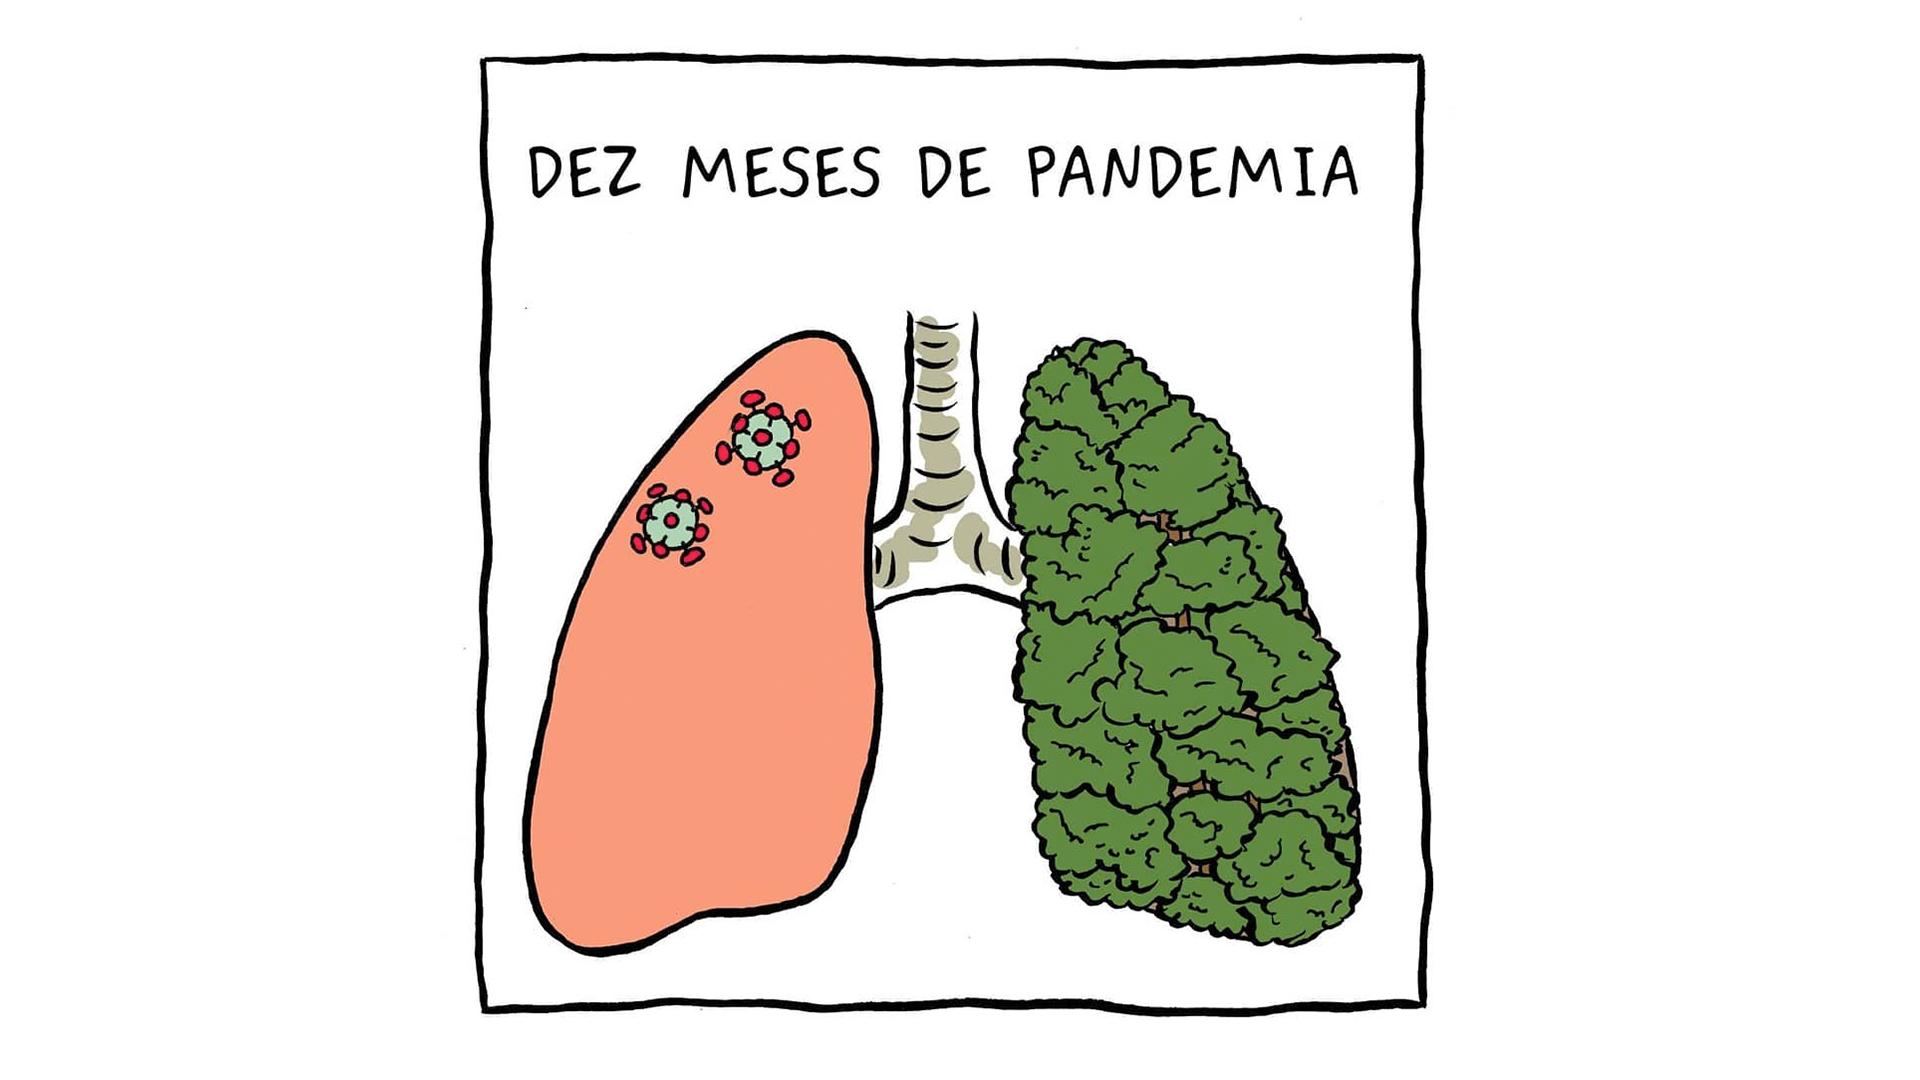 Pulmão 1 | Dez meses de pandemia